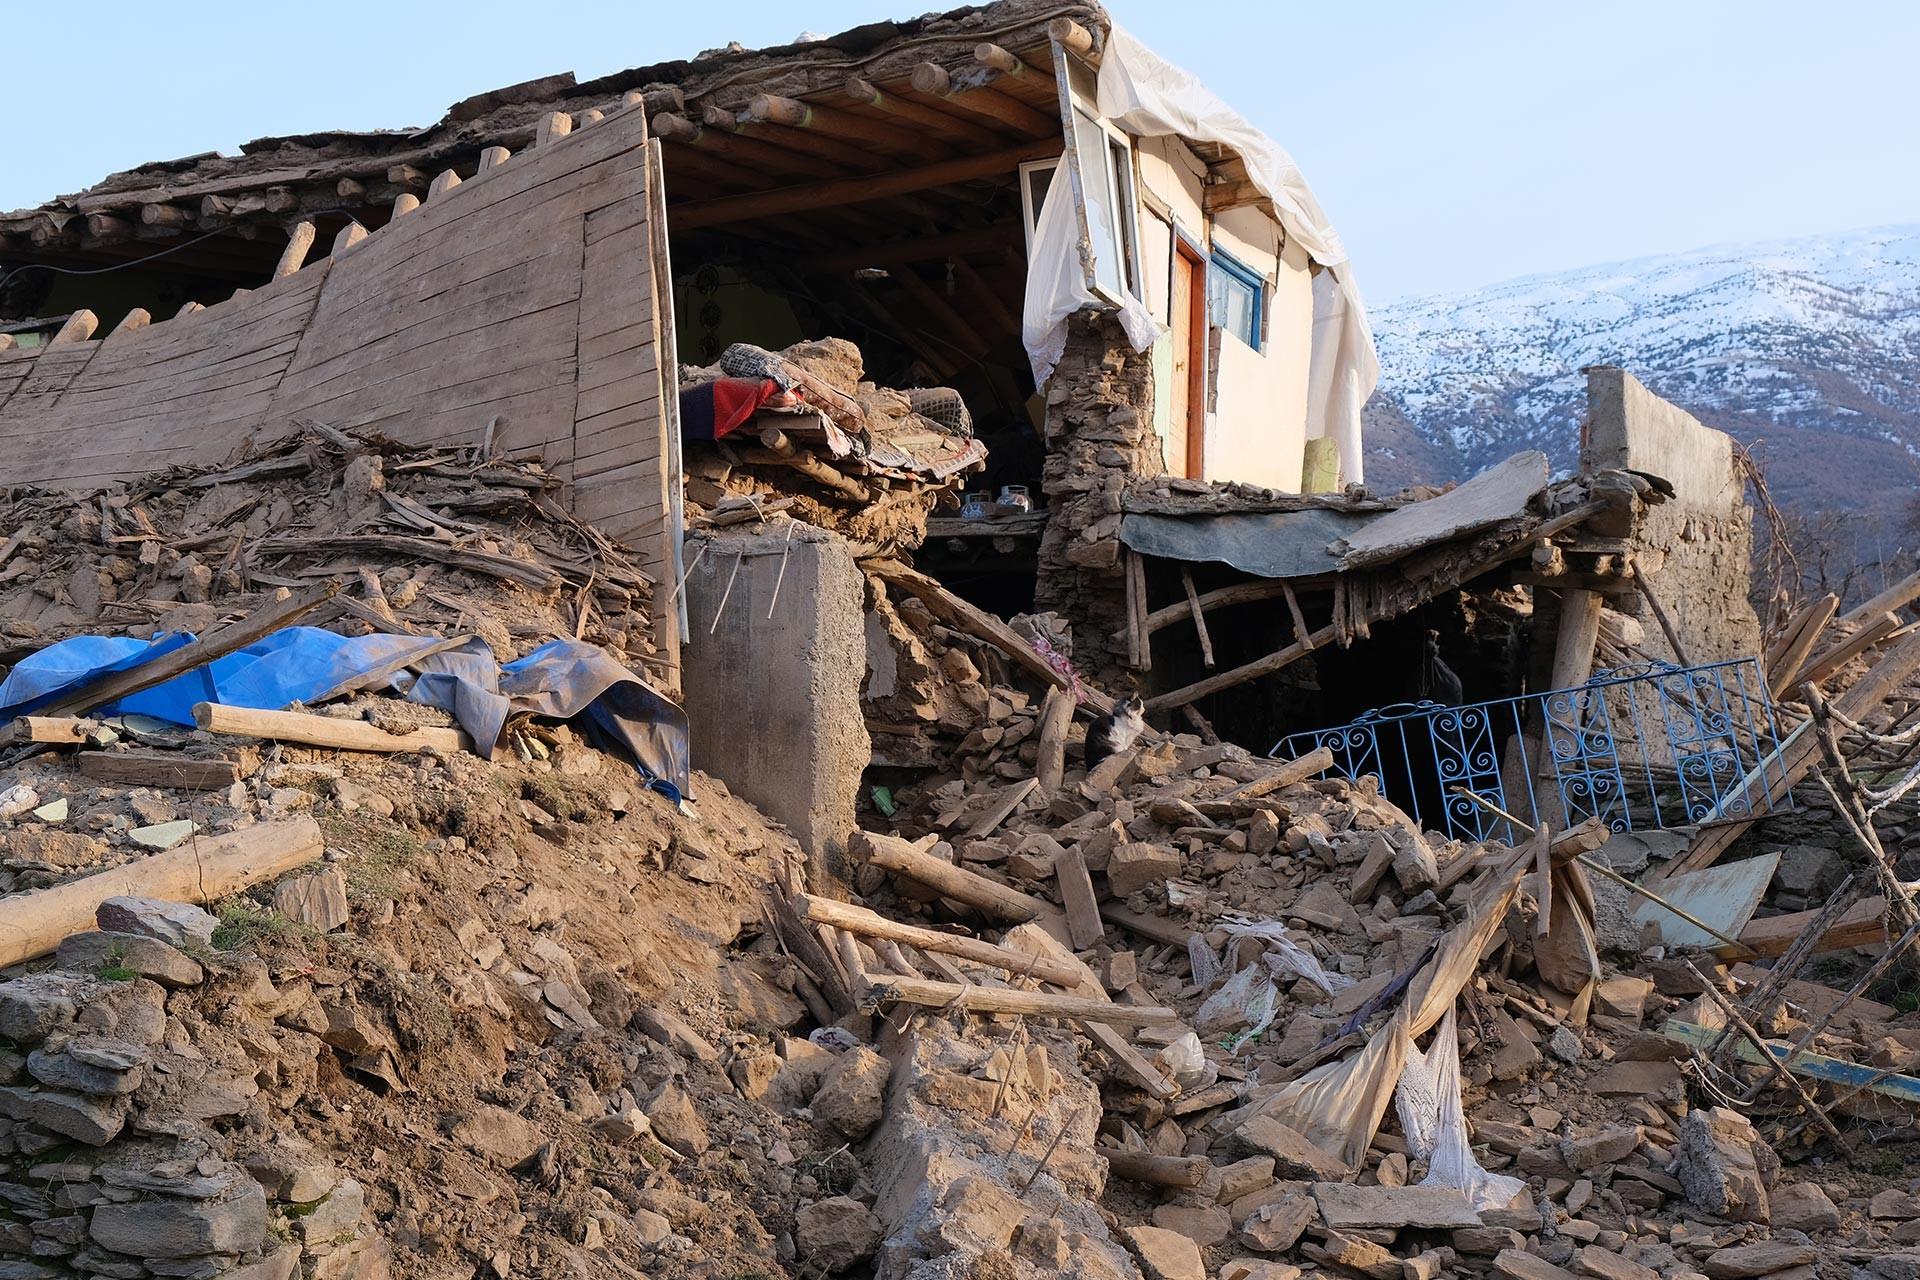 Elazığ Sivrice'de yaşanan 6.8 büyüklüğündeki depremde büyük hasar alan Çevrimtaş köyünde yıkılmış bir ev